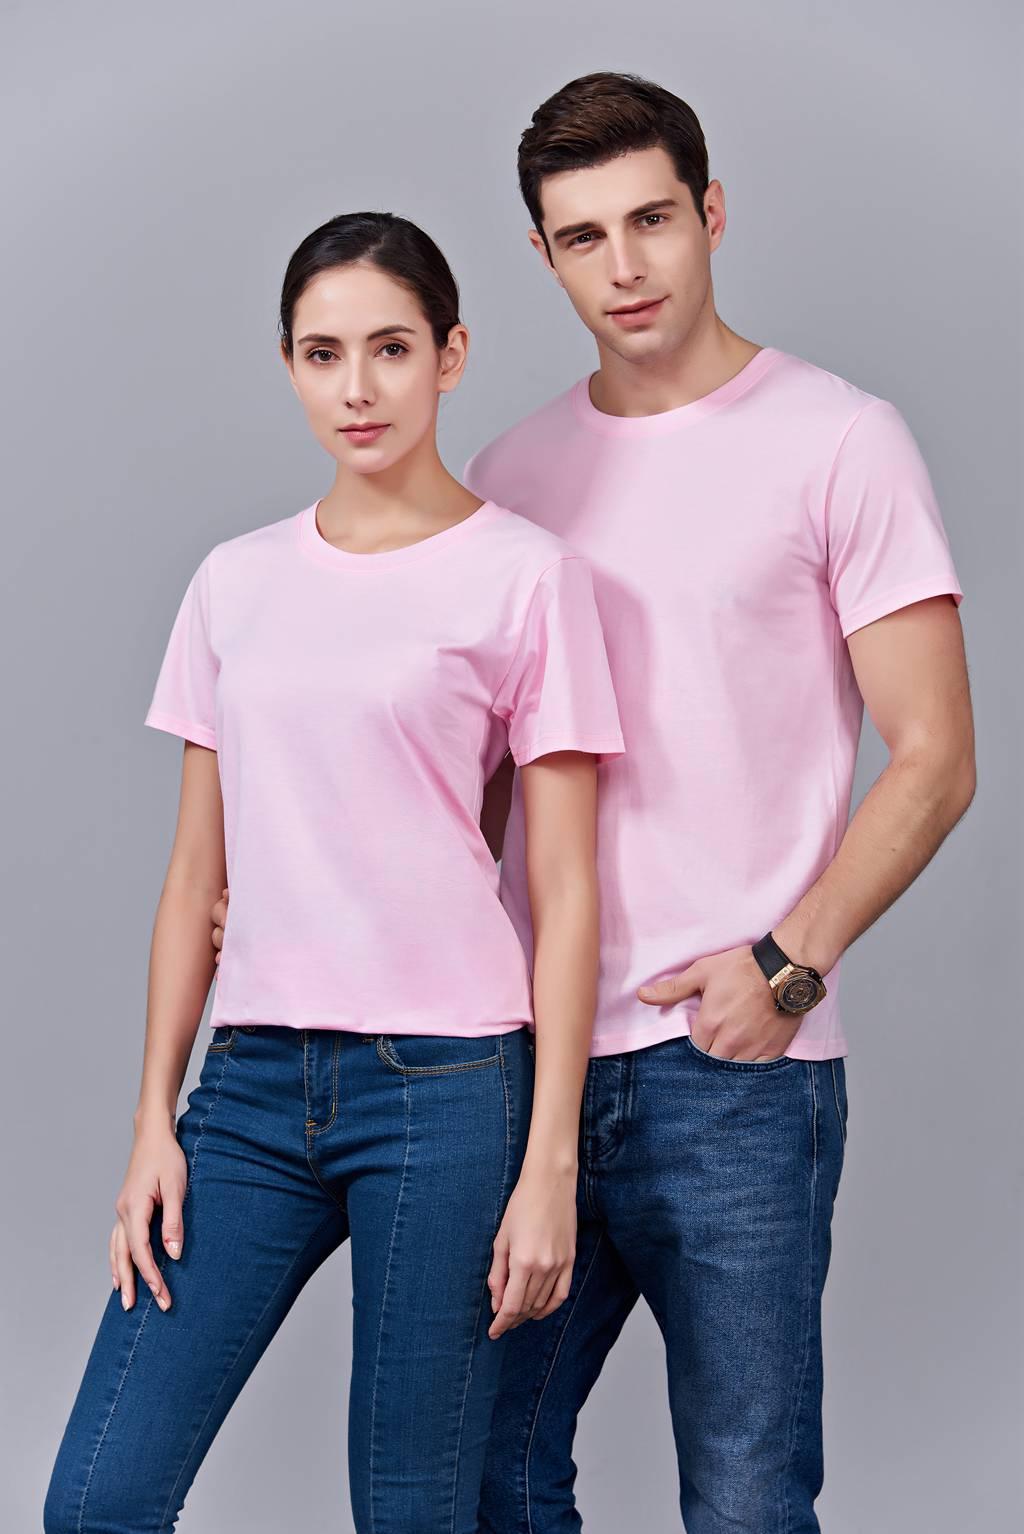 时尚新潮短袖上衣 粉色 情侣款亲子款休闲T恤订制